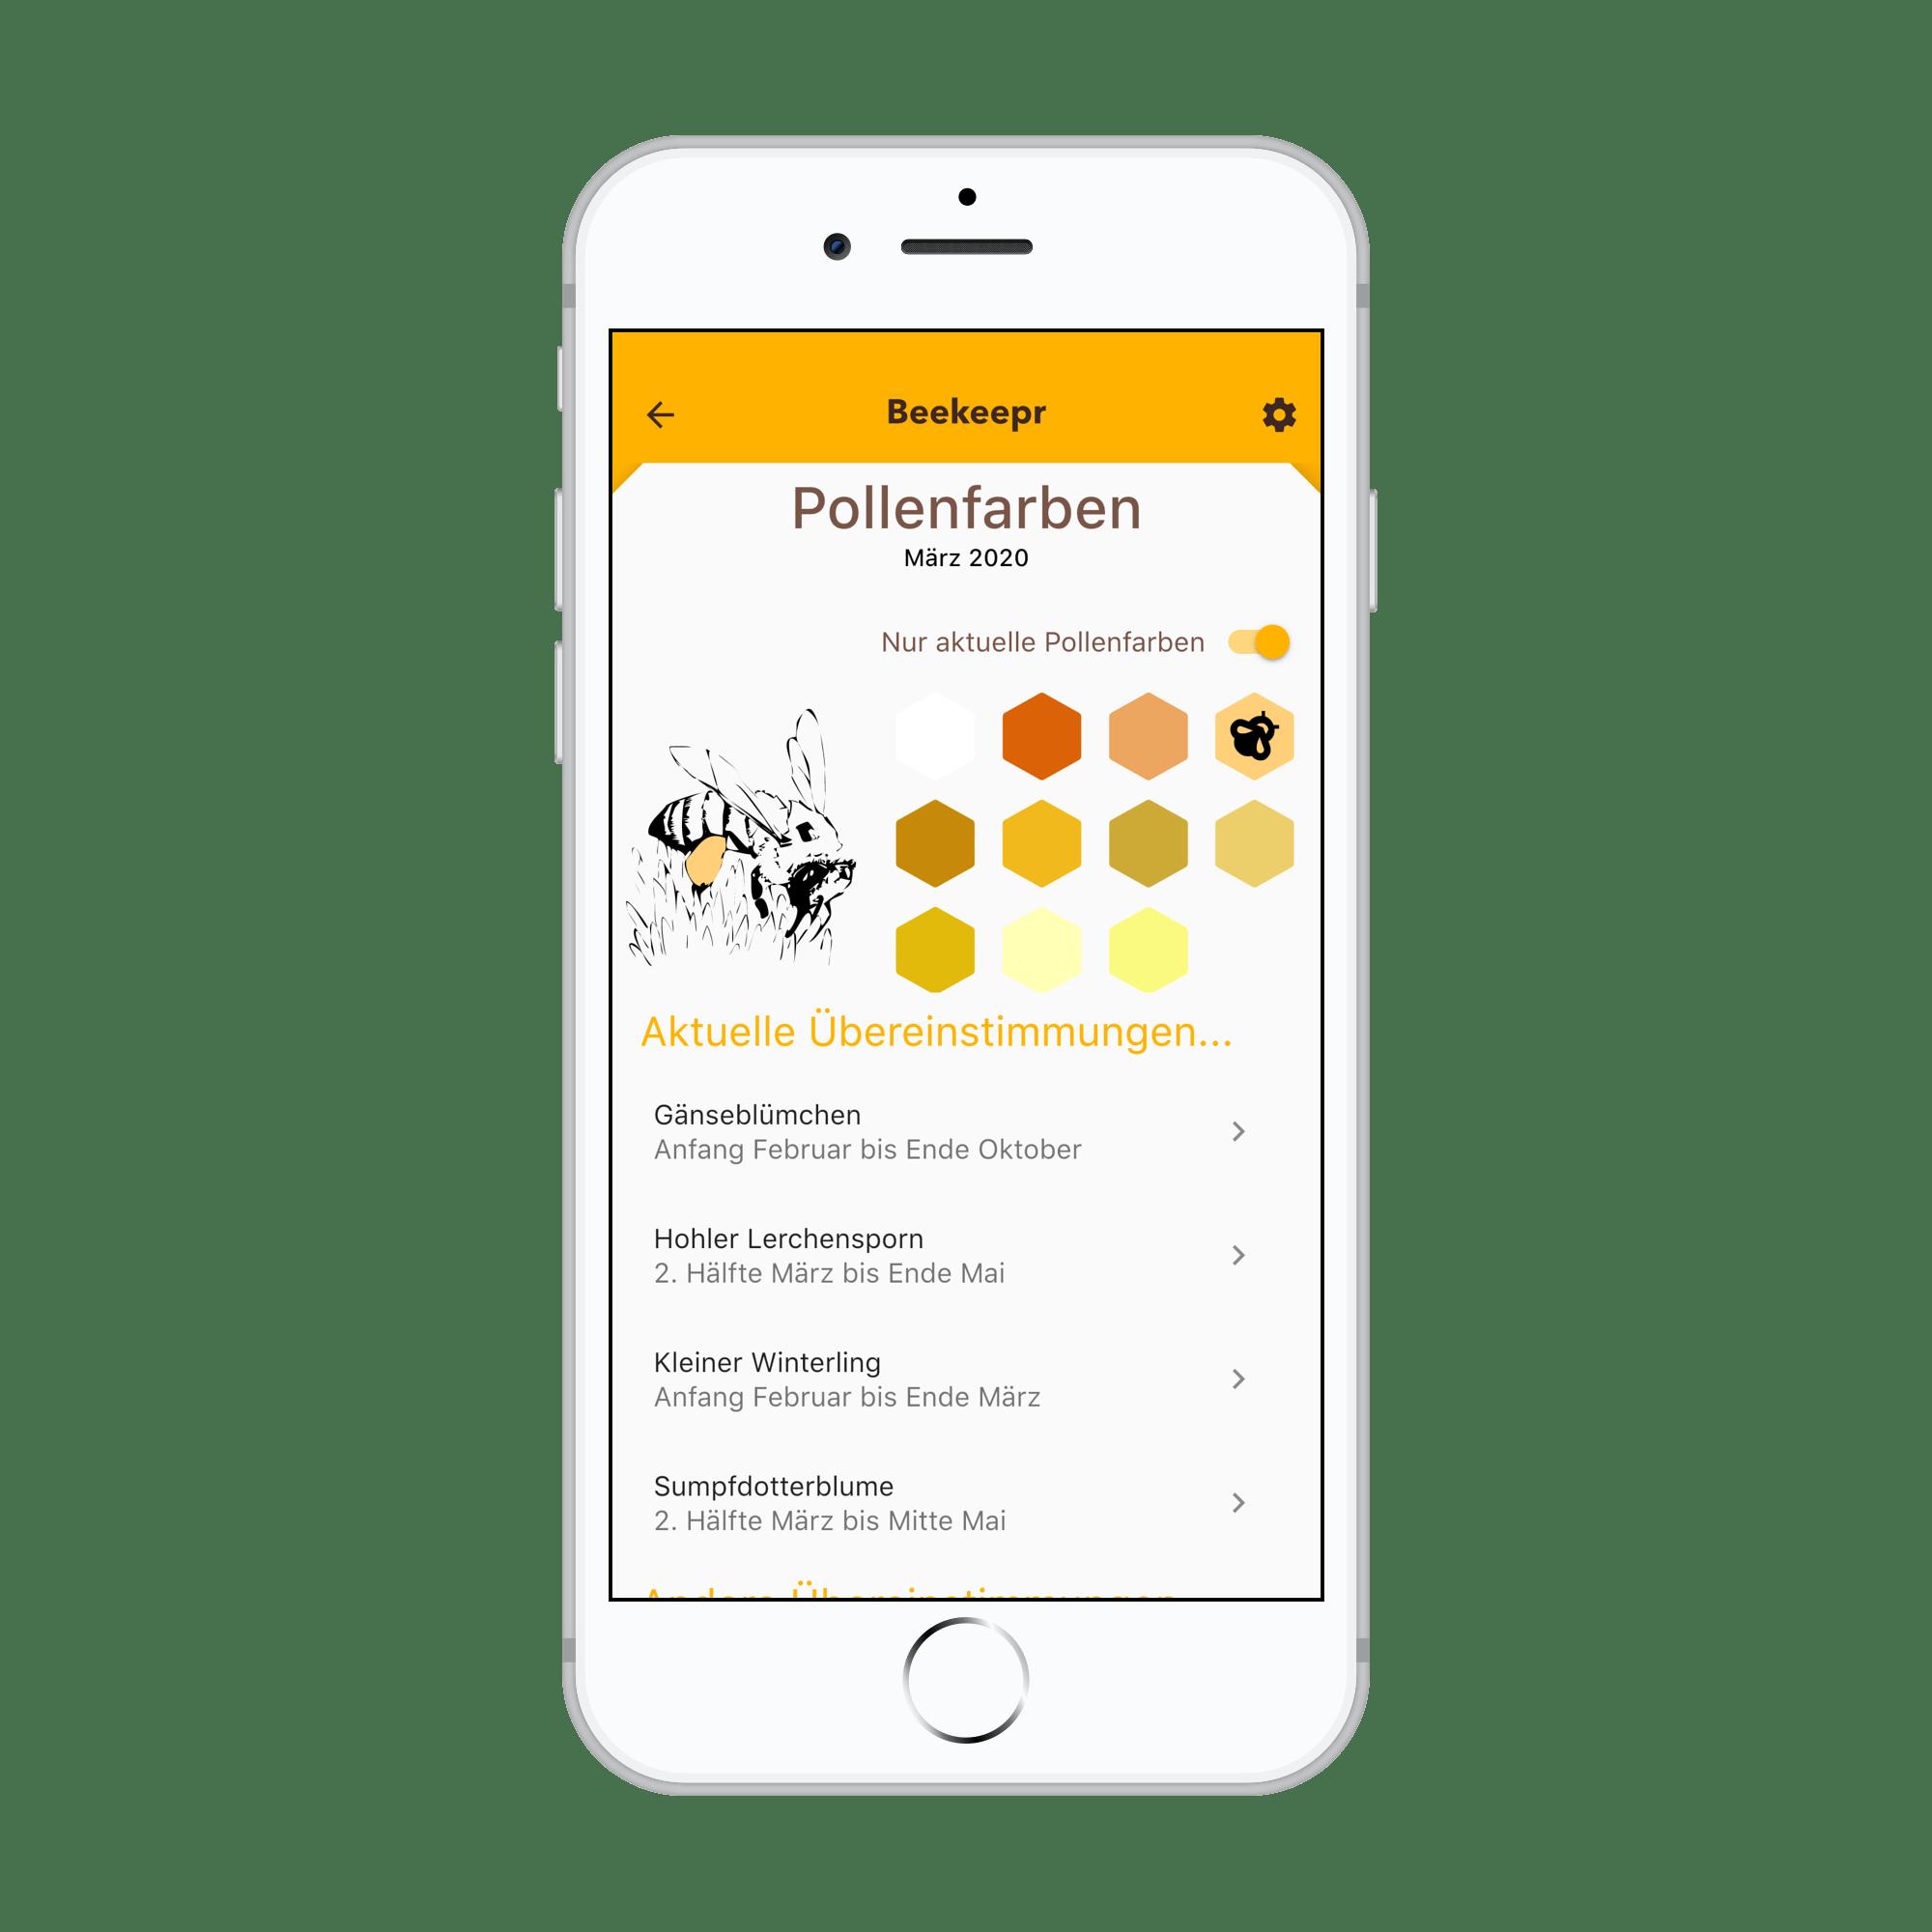 Pollenfarben Verzeichnis